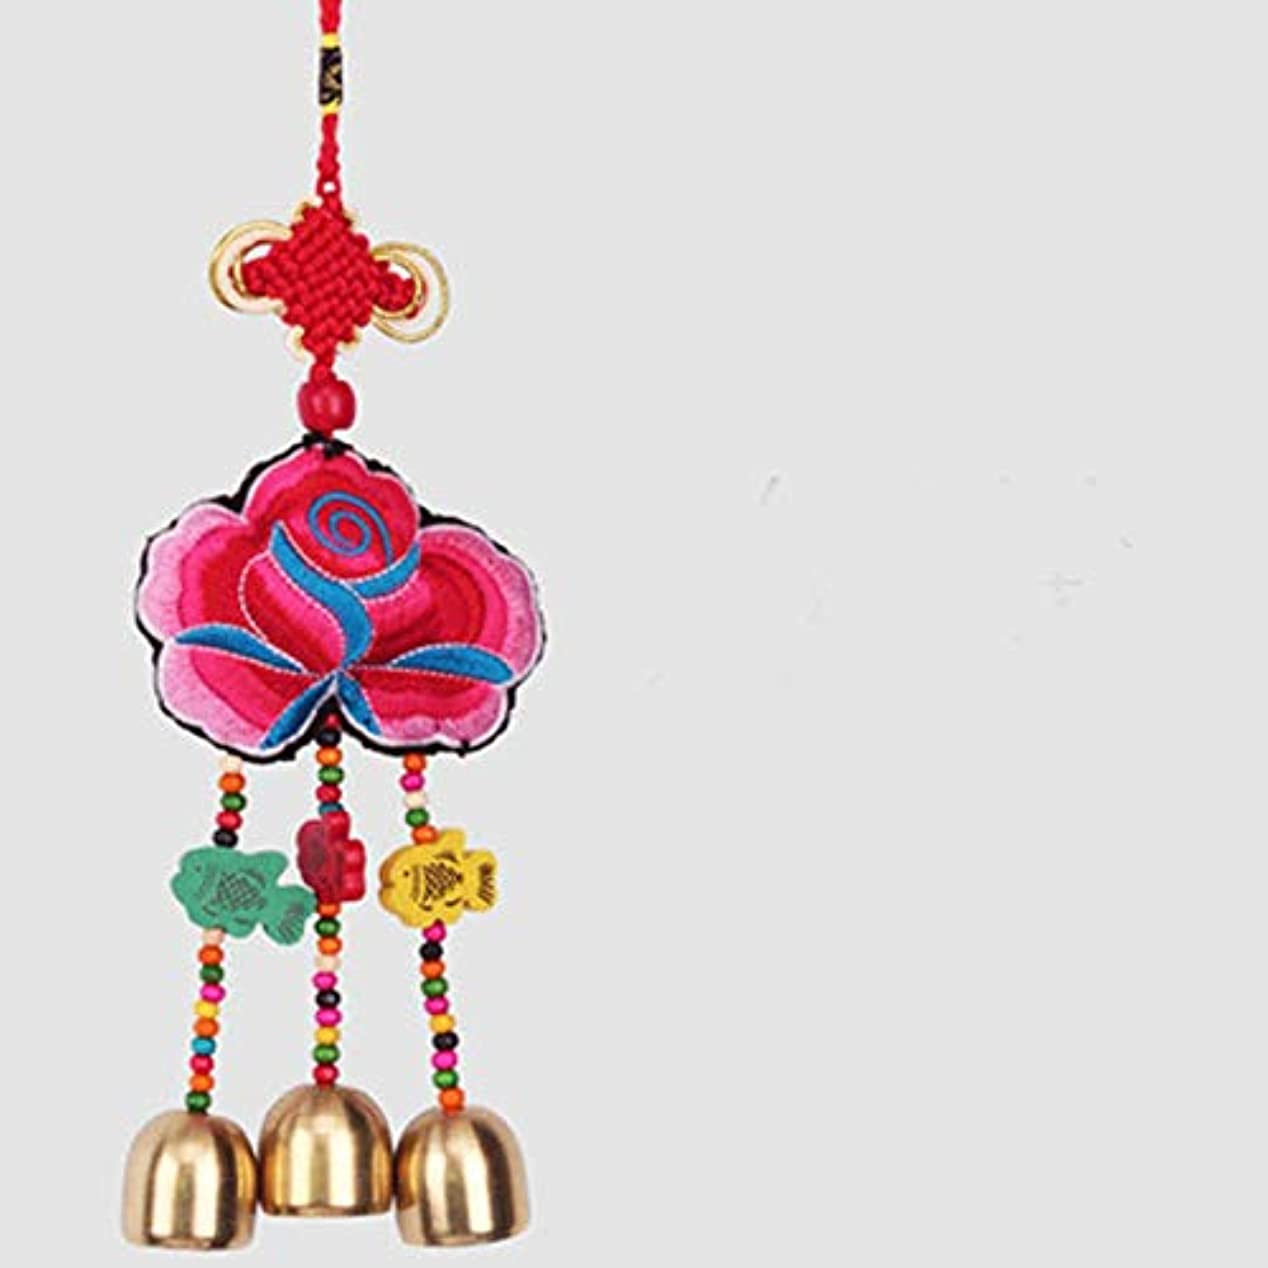 促すクモ添加剤Hongyuantongxun Small Wind Chimes、中華風刺繍工芸品、14スタイル、ワンピース,、装飾品ペンダント (Color : 2)